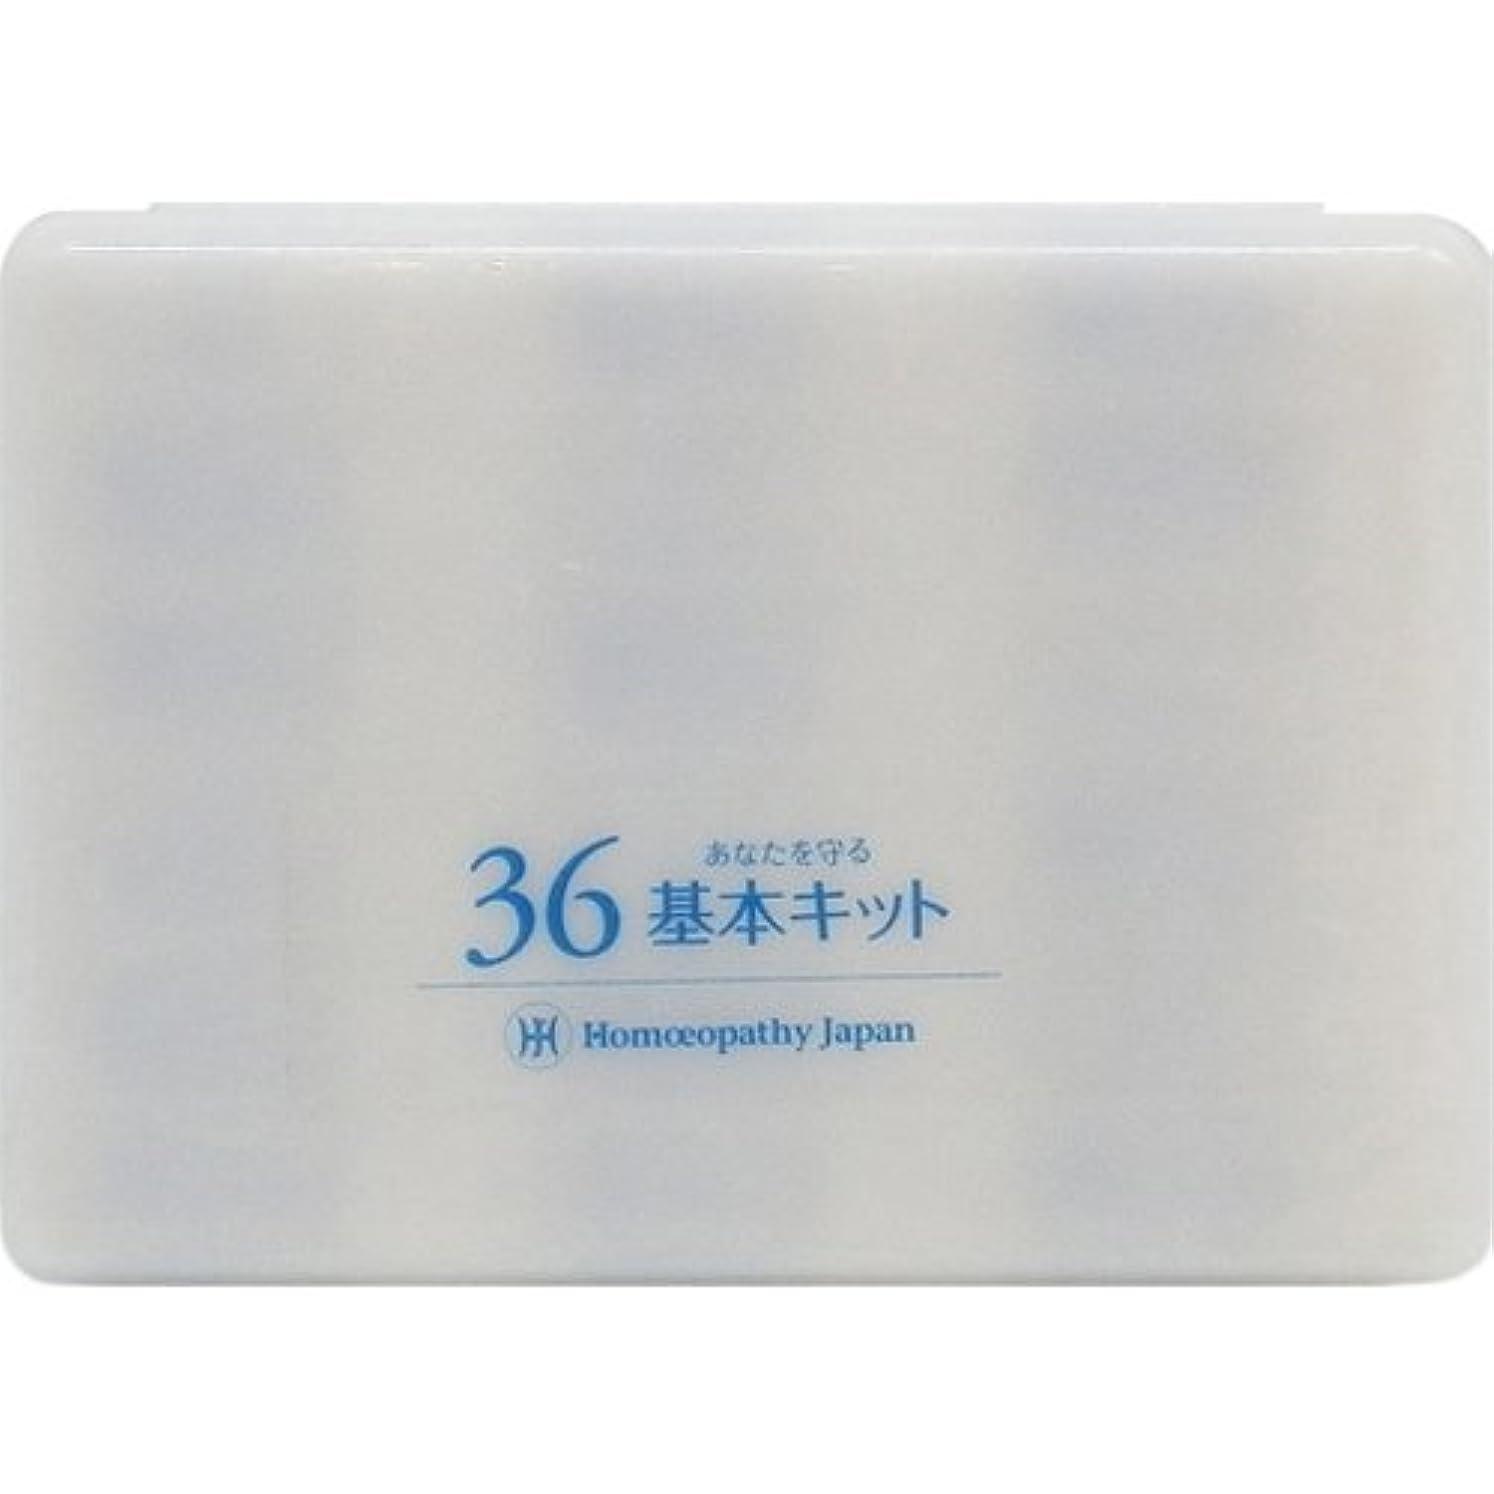 士気保有者交換可能ホメオパシージャパンレメディー 新36基本キット